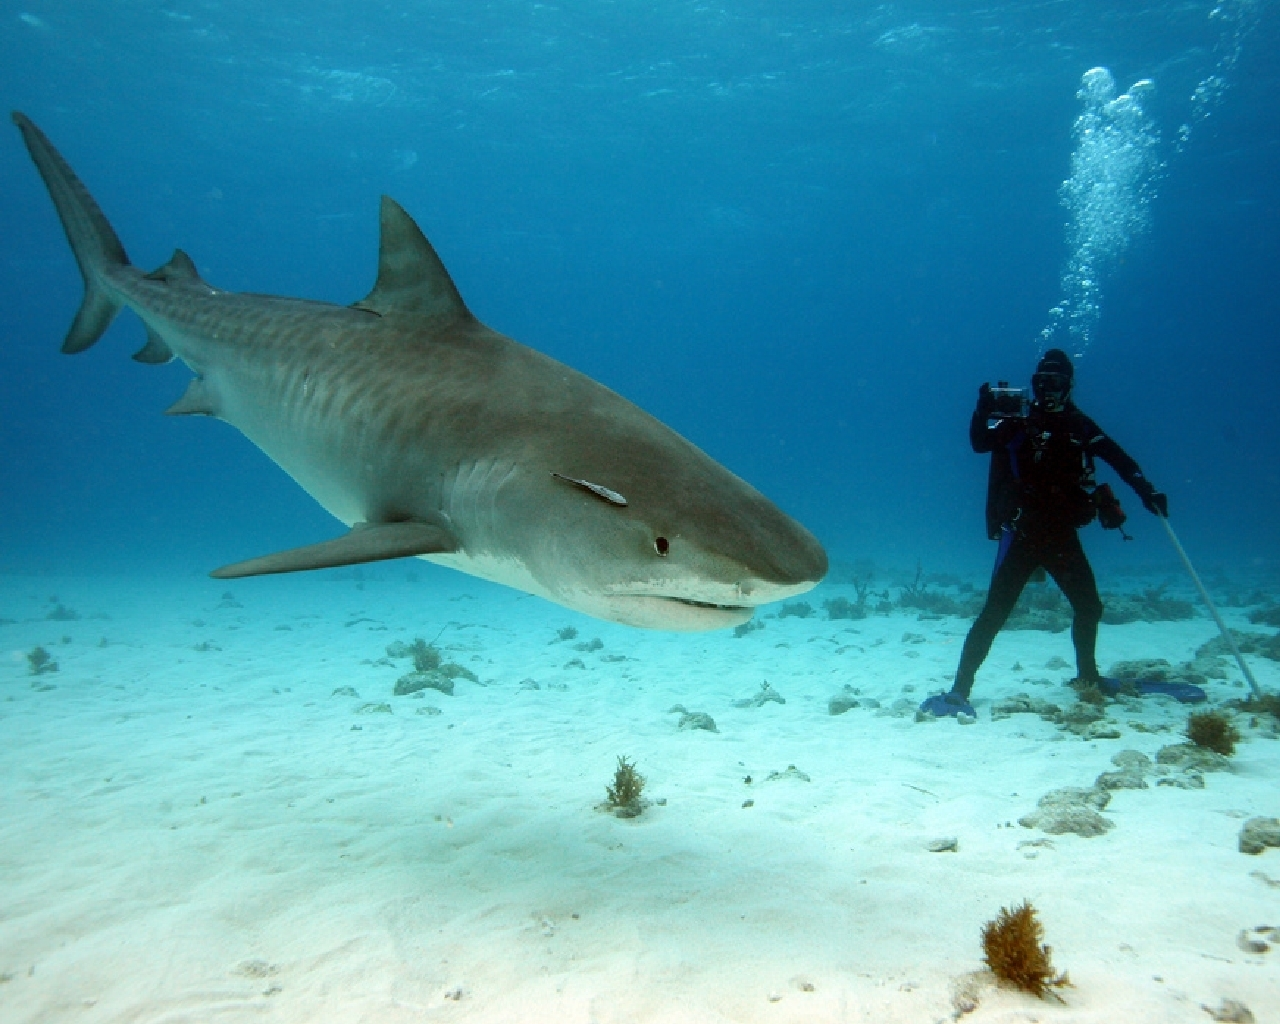 все картинки с акулами выборе нужно